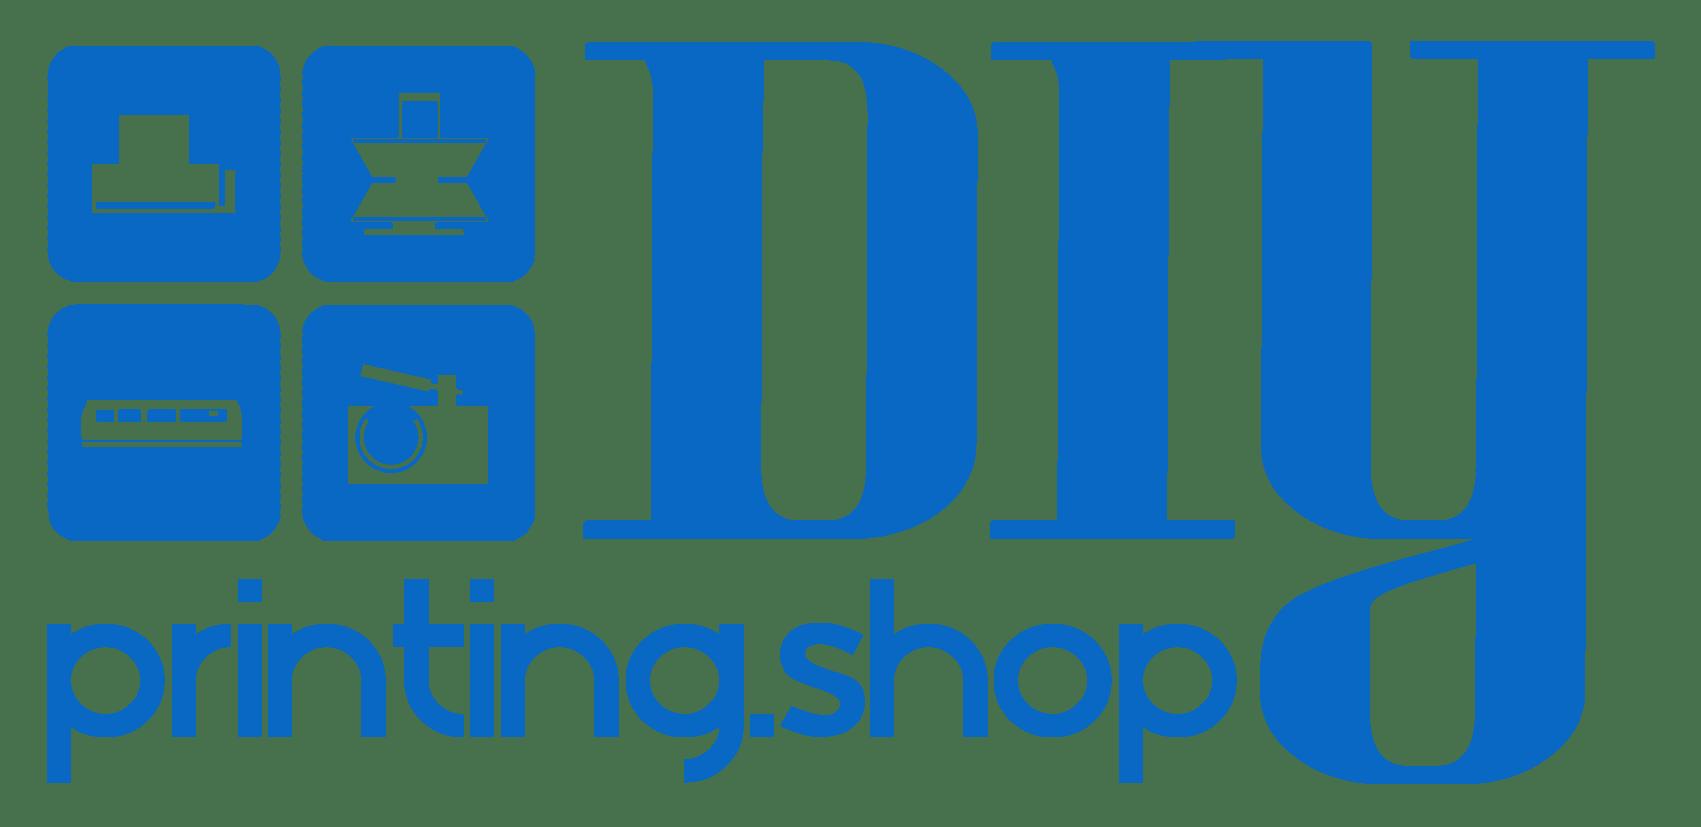 DIY PRINTING Online Store